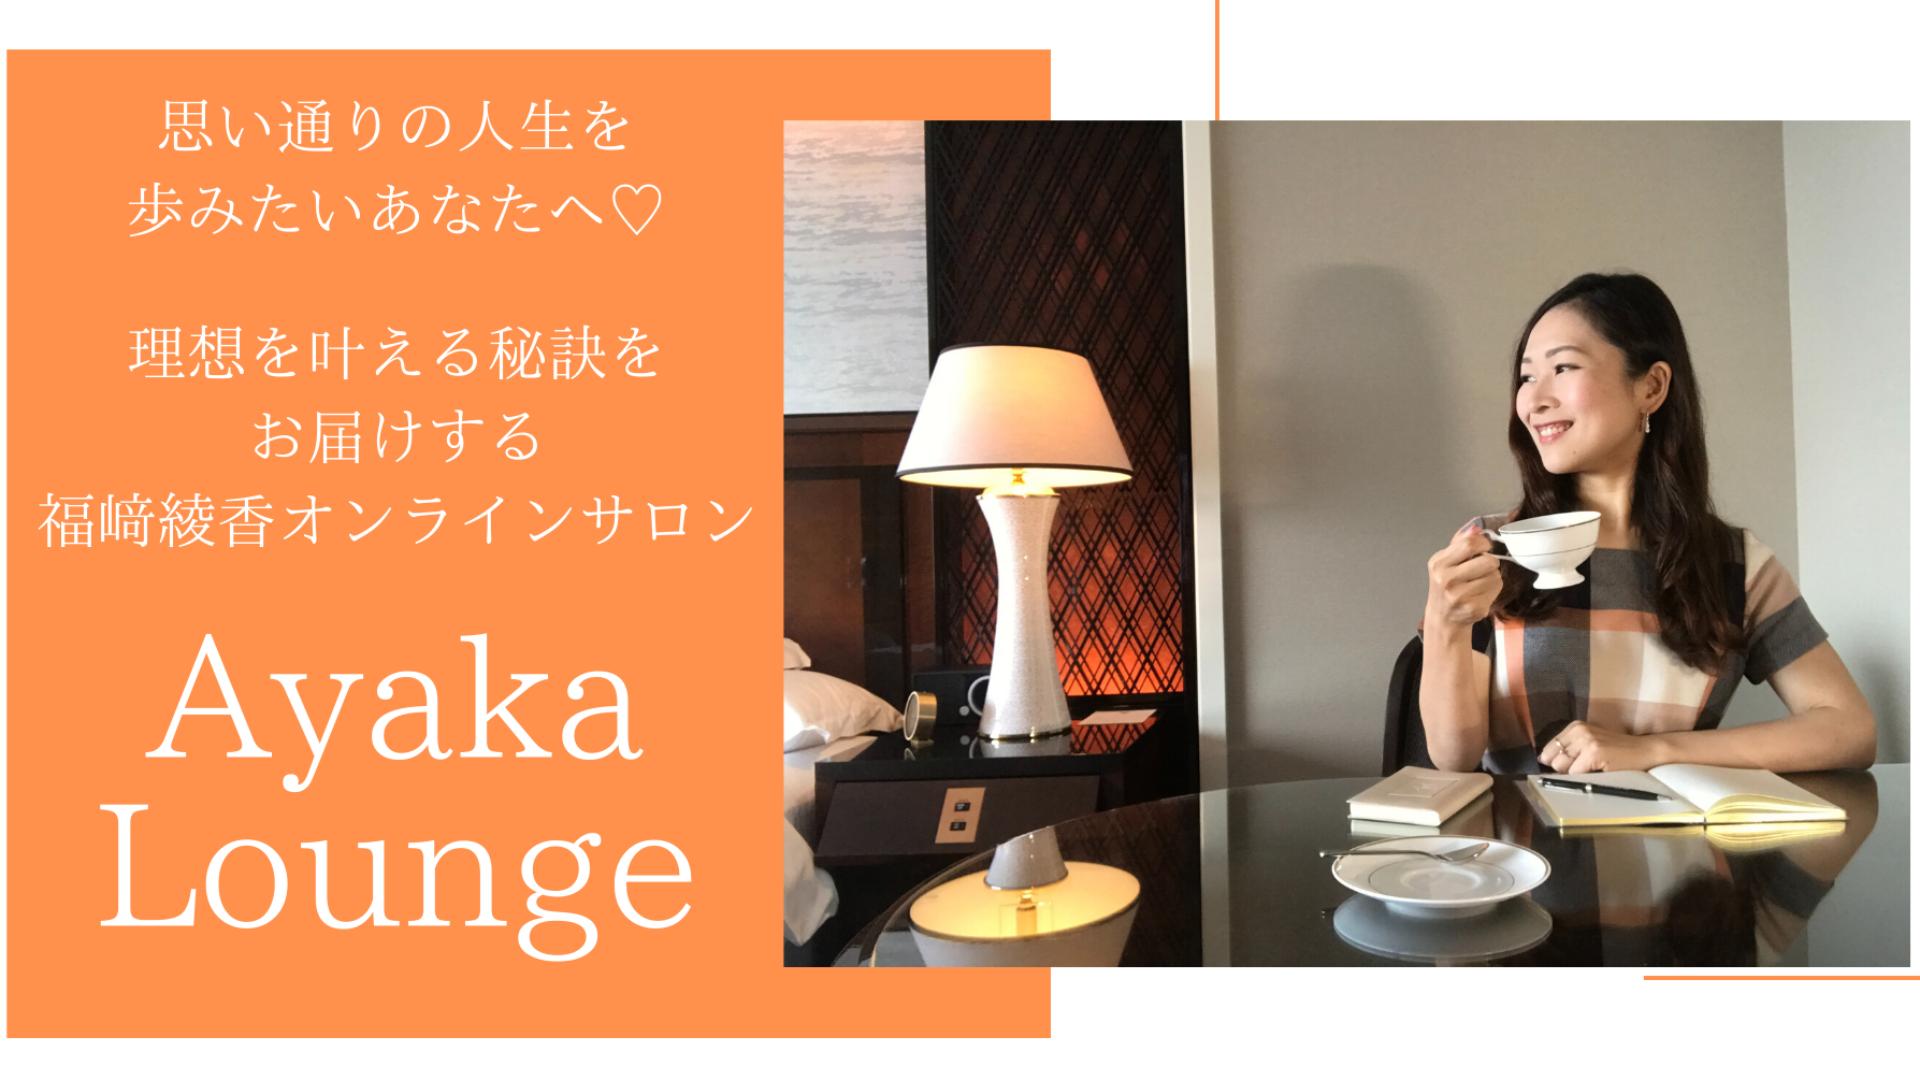 理想のワークライフスタイルを叶えるAyaka Lounge